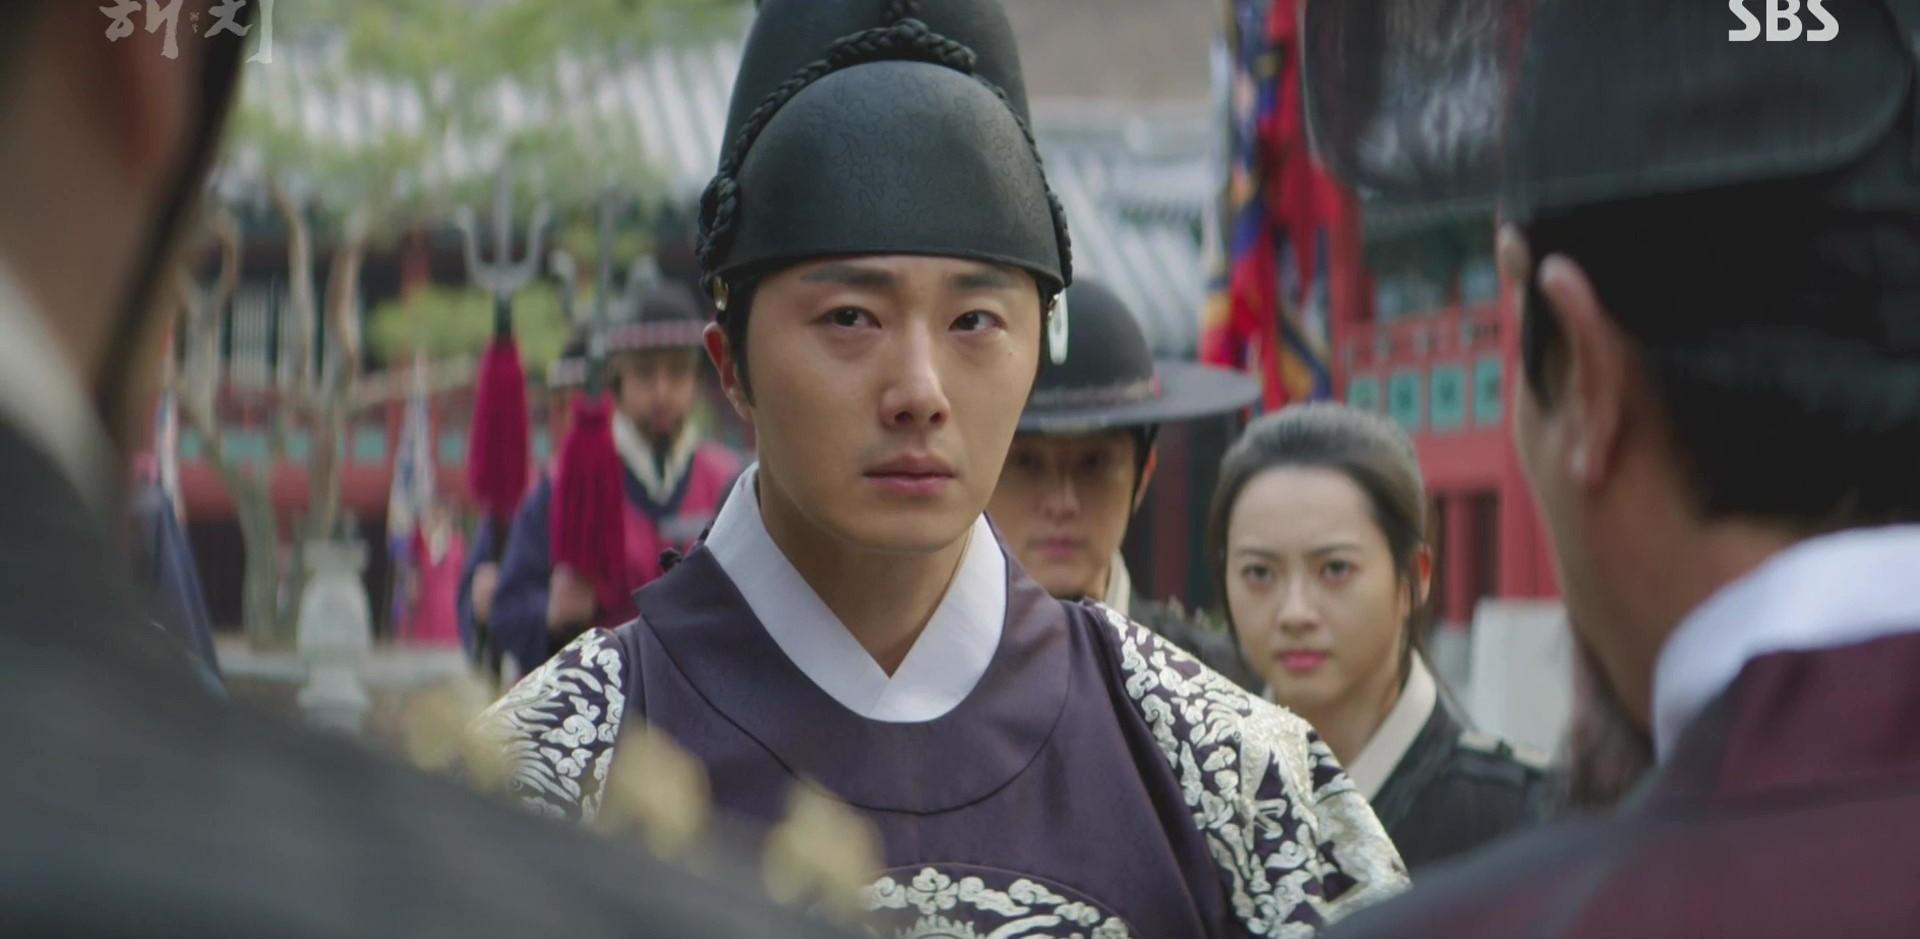 Đáng chú ý nhất phim Hàn hiện nay: Đến 3 trên tổng số 4 đôi trẻ đồng loạt hôn nhau! - Ảnh 5.